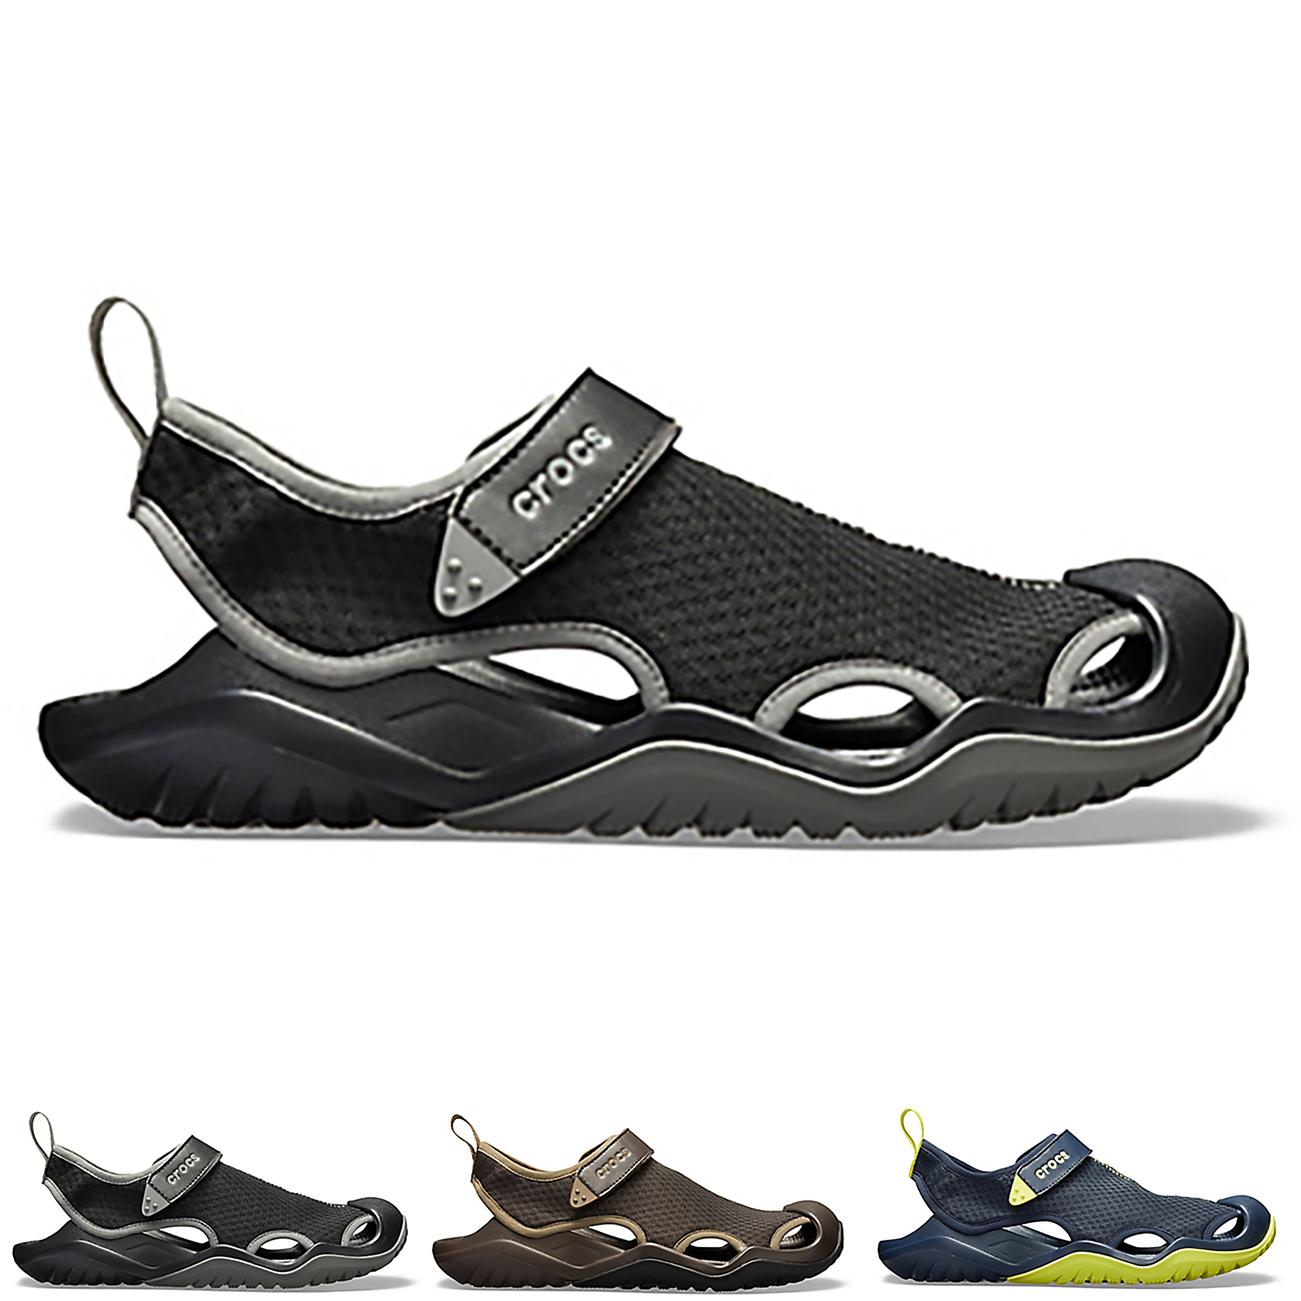 sportowa odzież sportowa sklep internetowy ponadczasowy design Details about Mens Crocs Swiftwater Mesh Deck Closed Toe Beach Pool Rubber  Sandals All Sizes